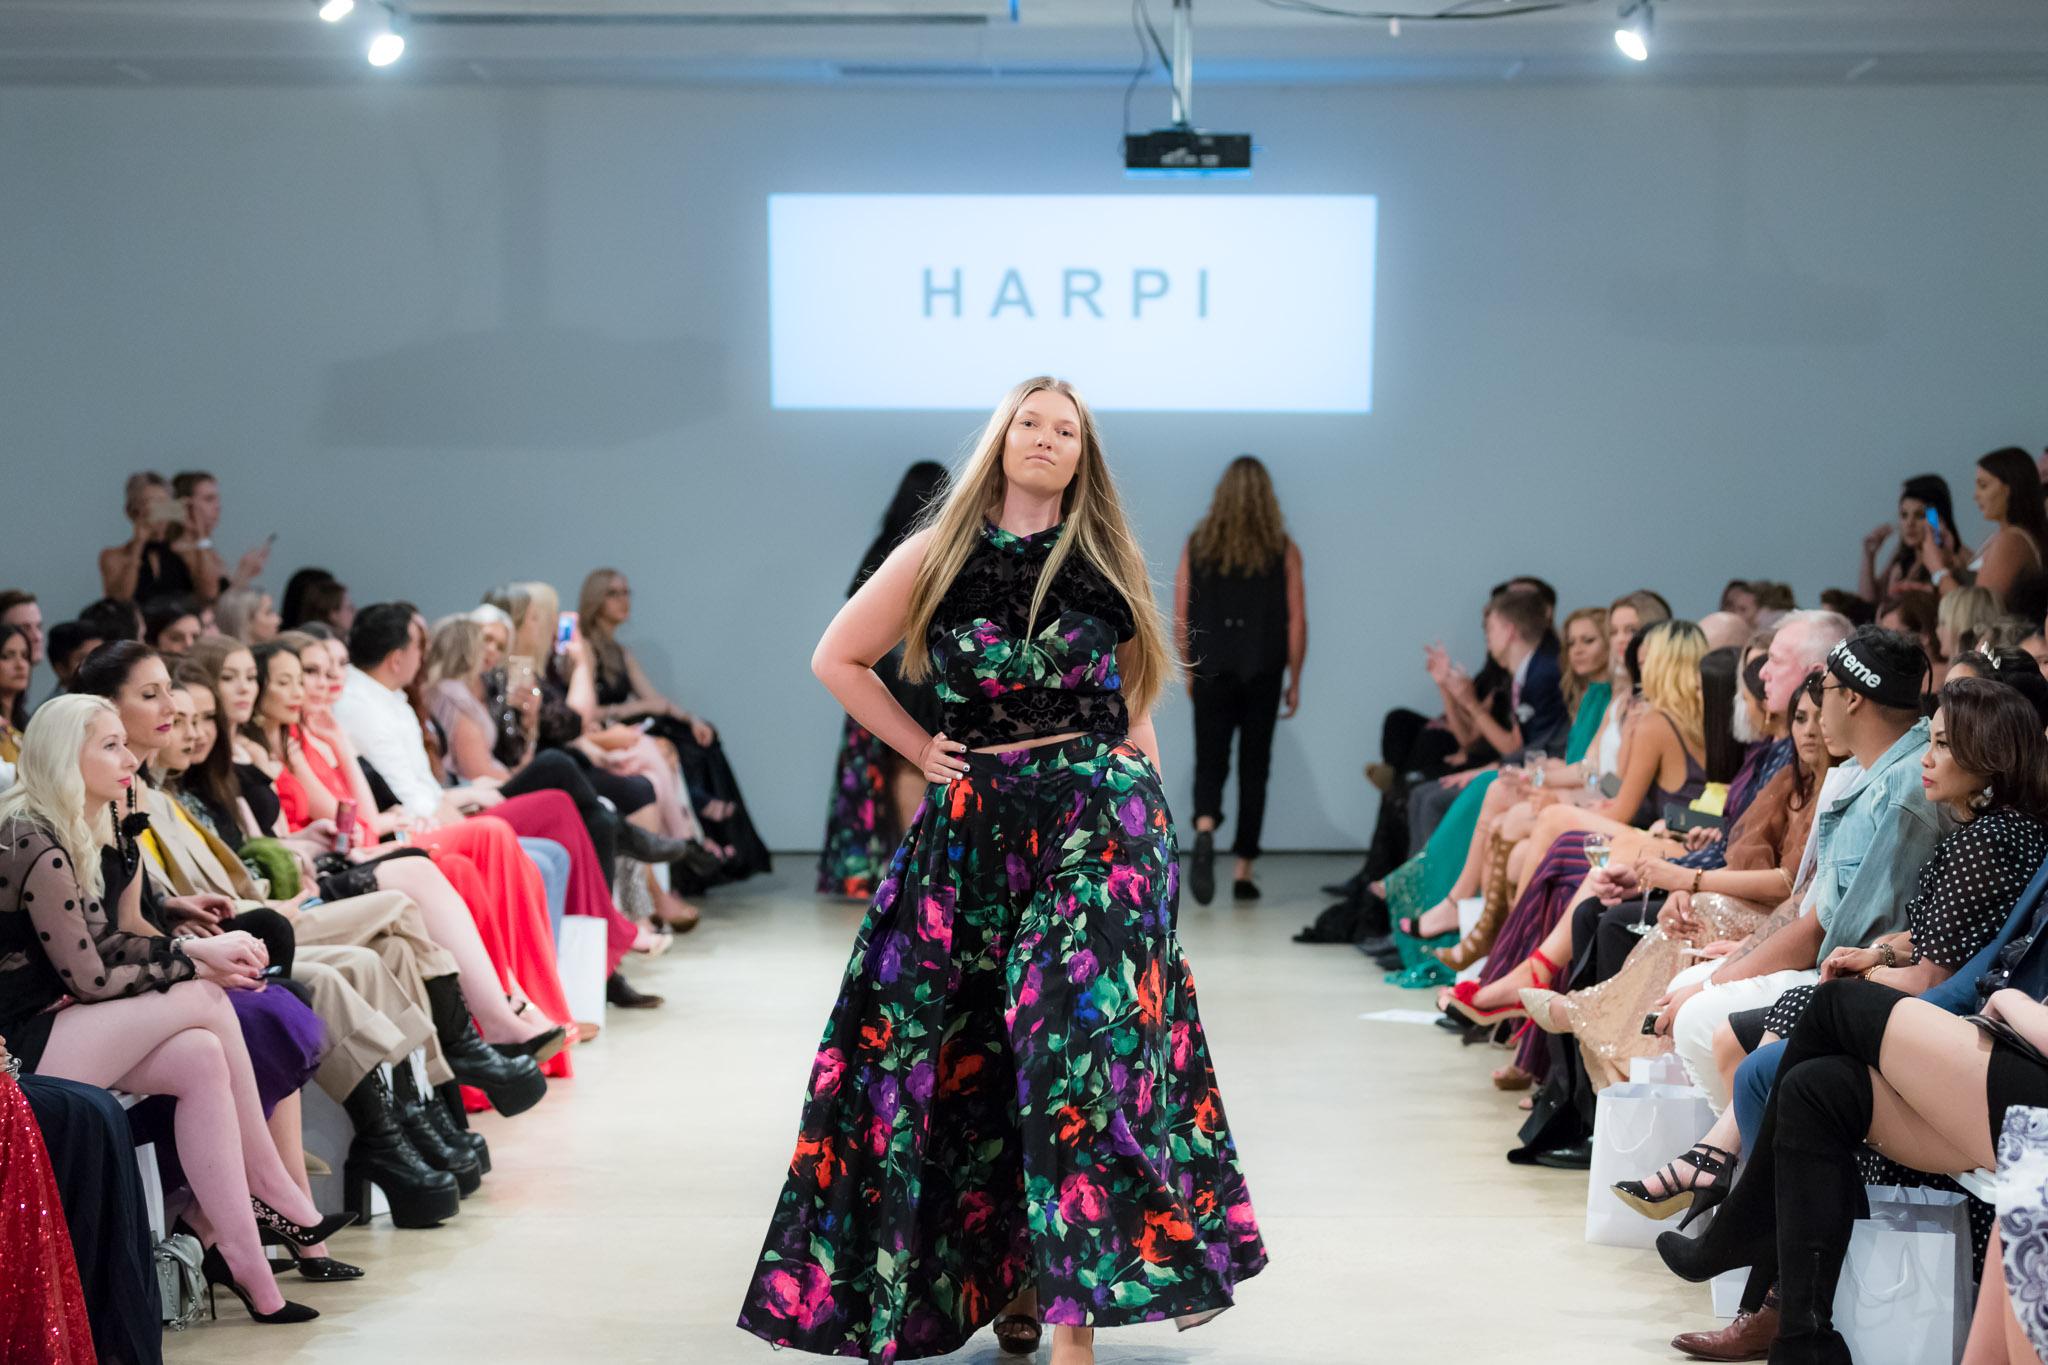 Harpi